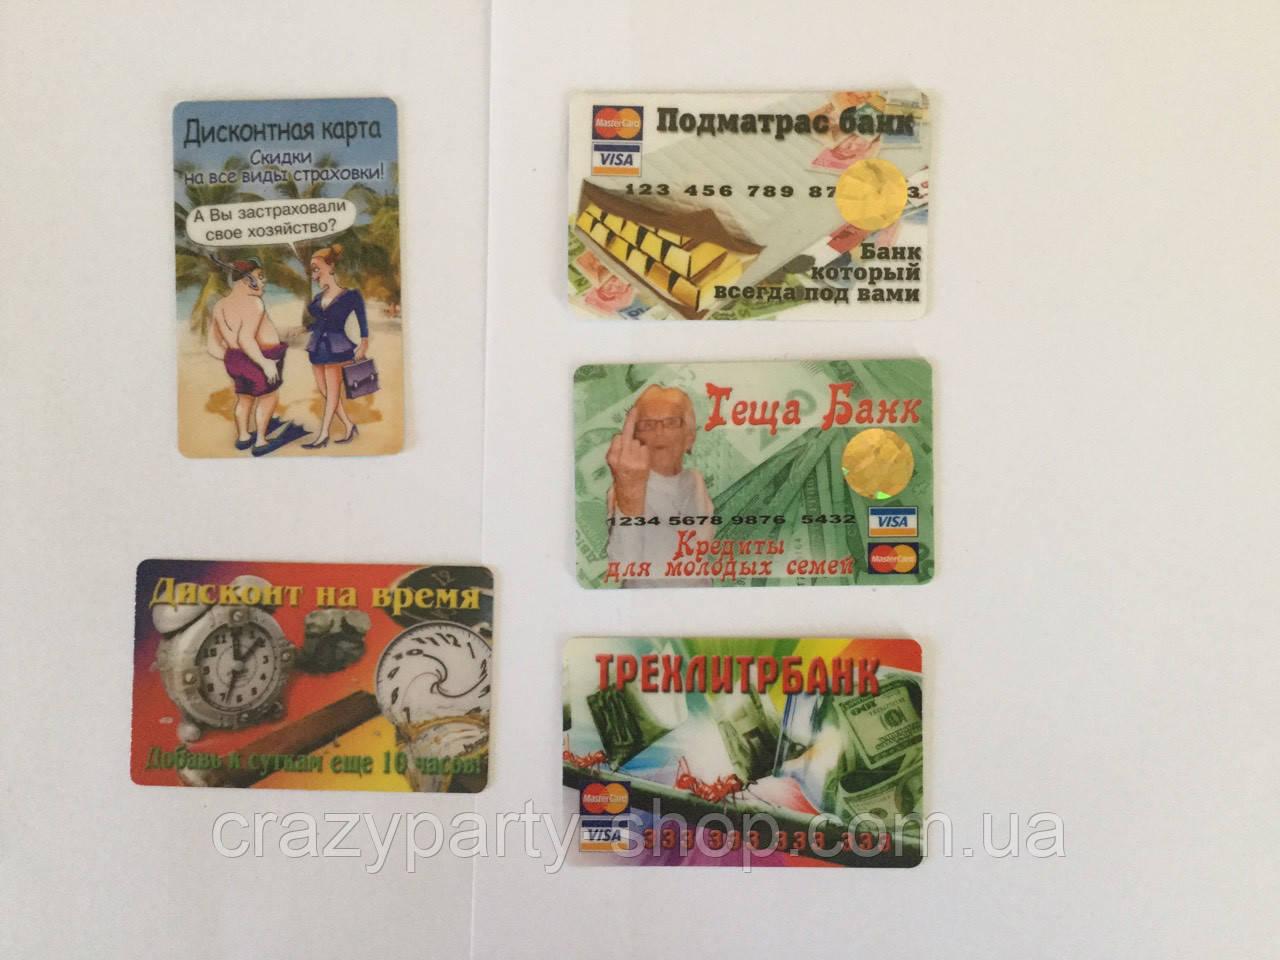 Прикольные кредитные карточки в ассортименте